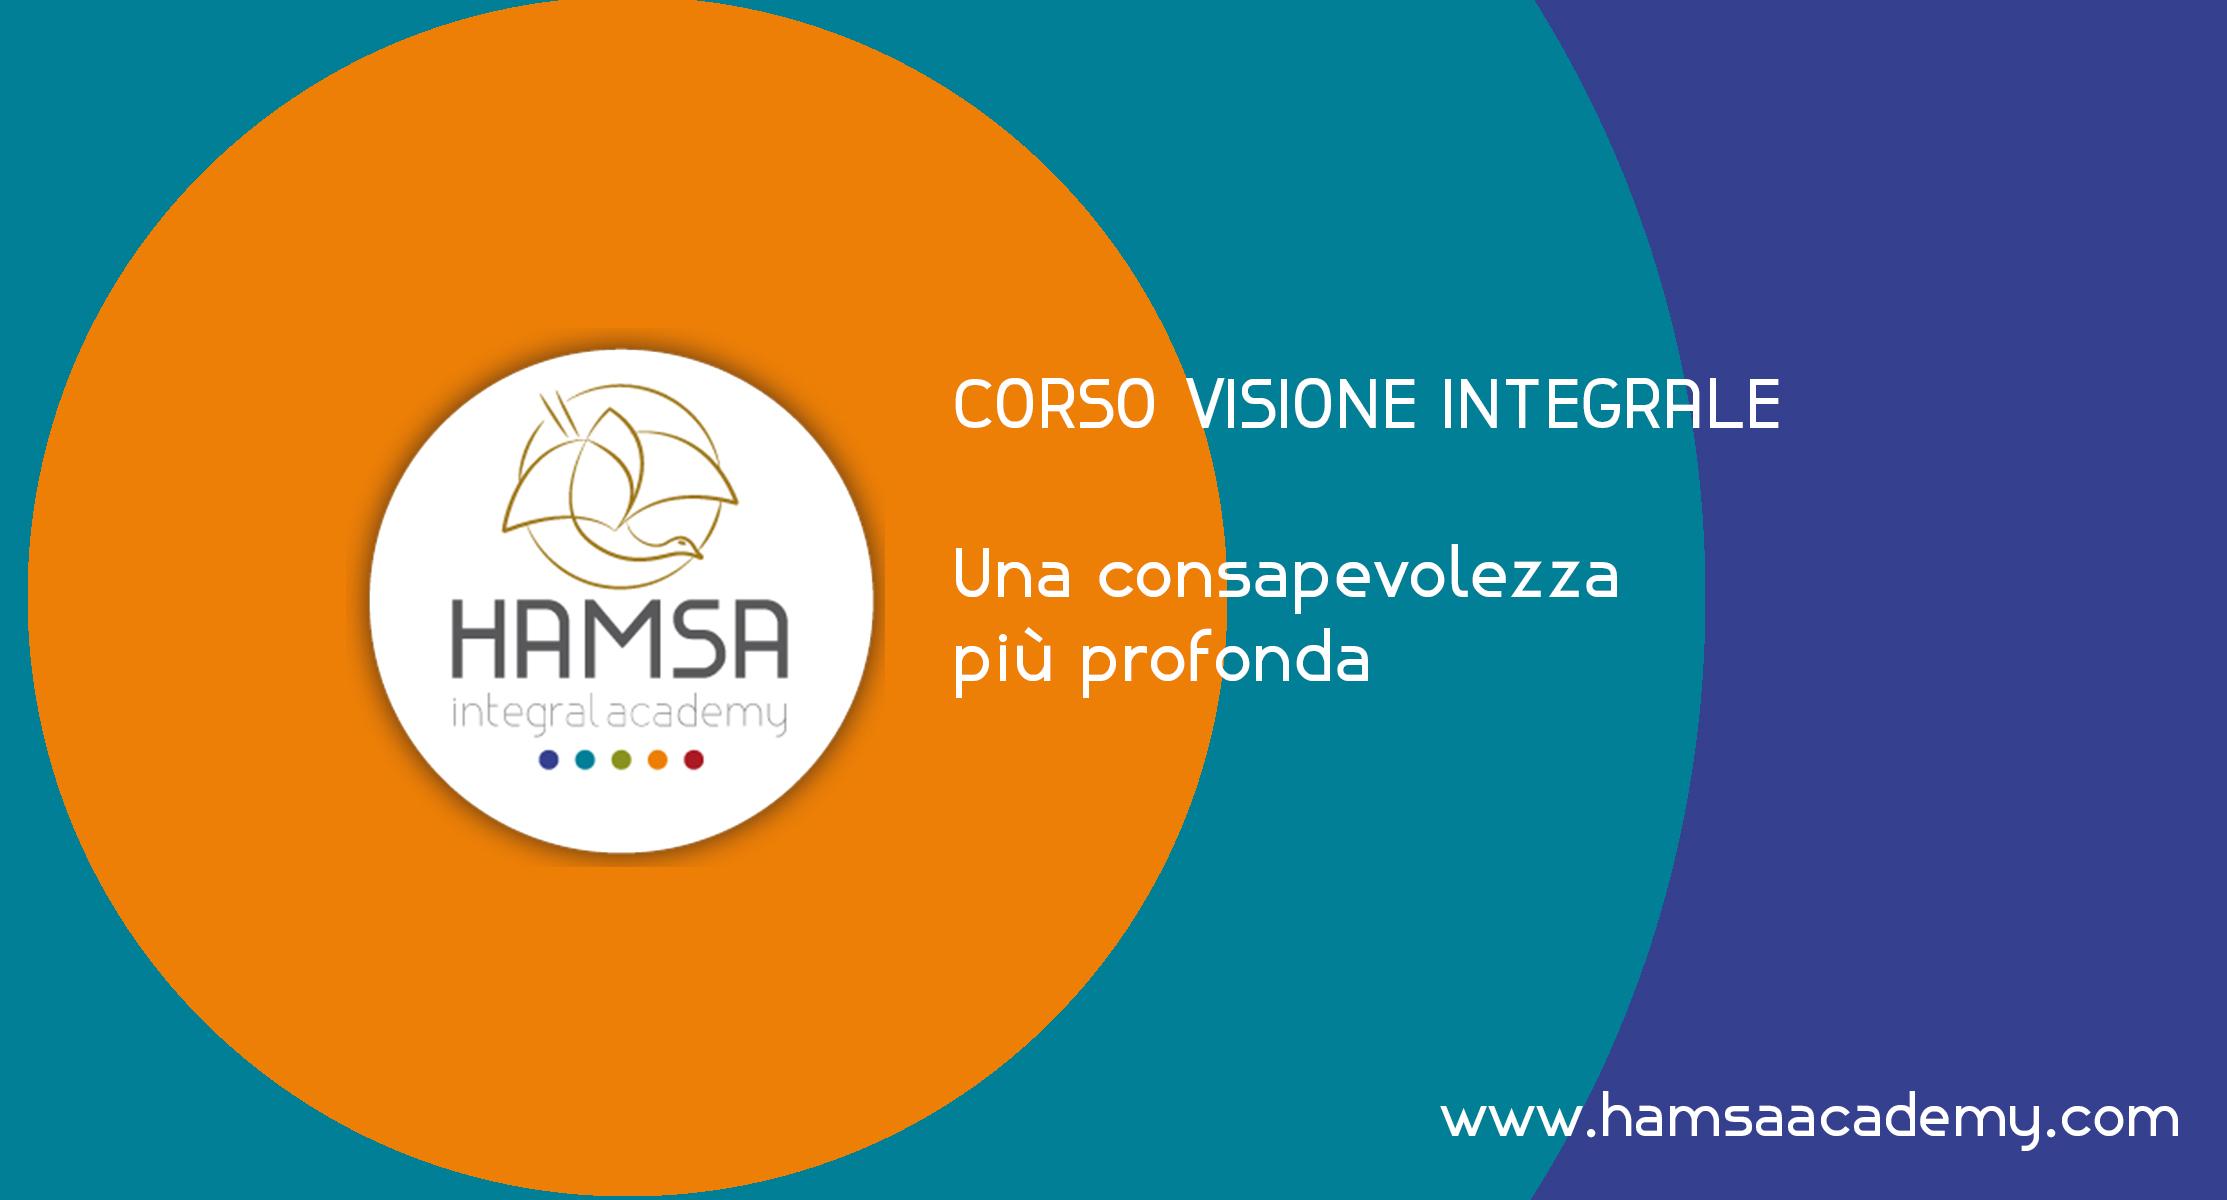 Corso Online Visione Integrale crescita personale e professionale - Hamsa Academy